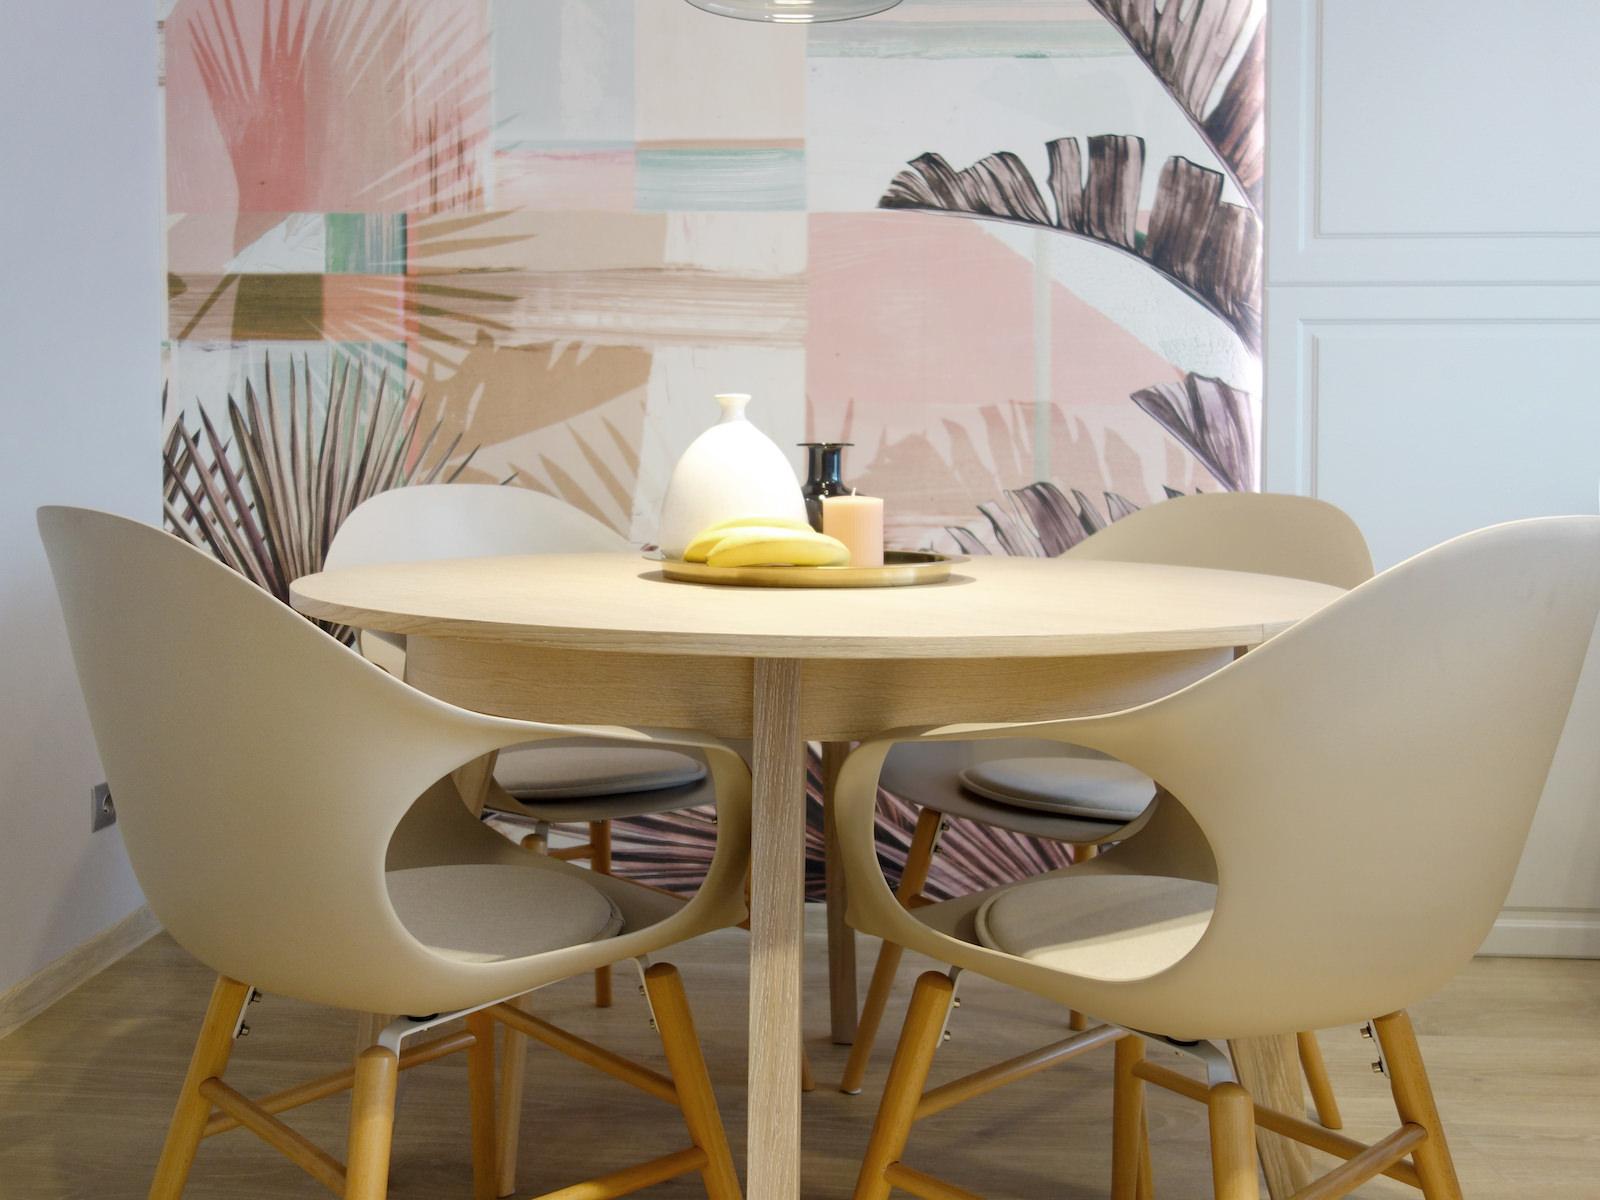 1 architekt wnetrz R078 mieszkanie siemianowice slaskie jadalnia okragly drewniany stol krzesla kubelkowe tapata liscie wall deco